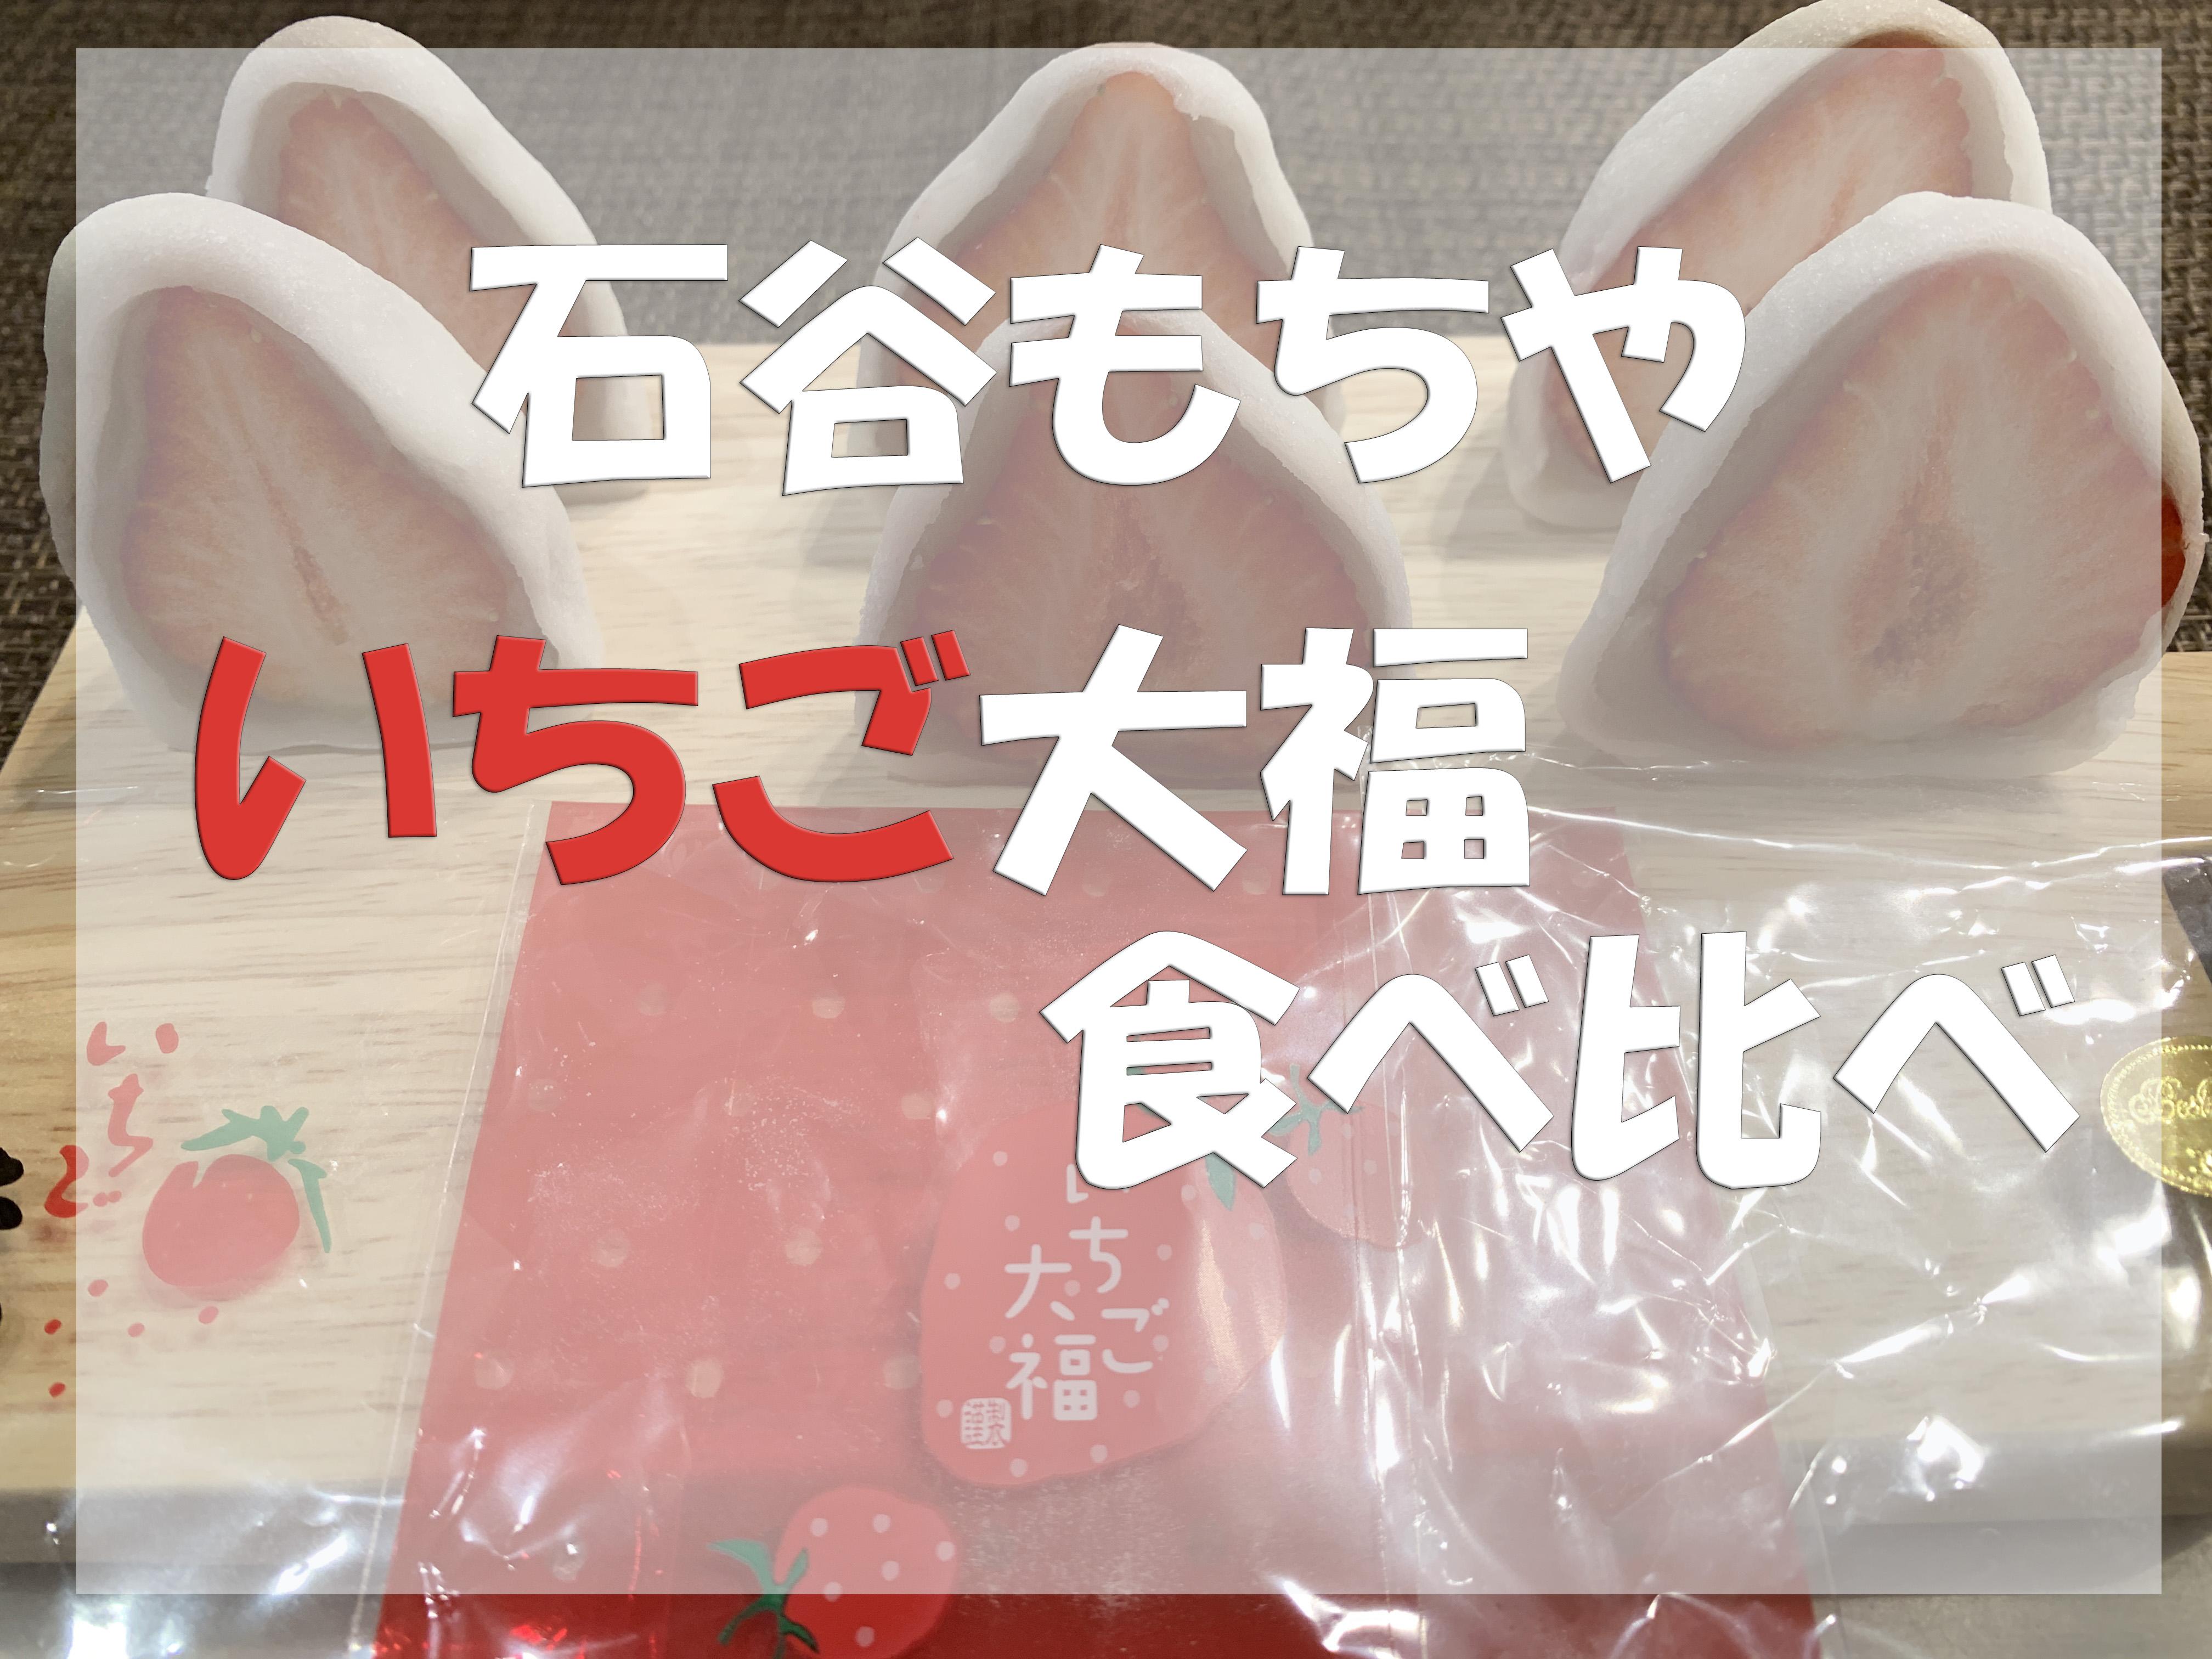 石谷もちやの絶品いちご大福3種食べ比べ:富山県内で一番おすすめしたいお餅やさん